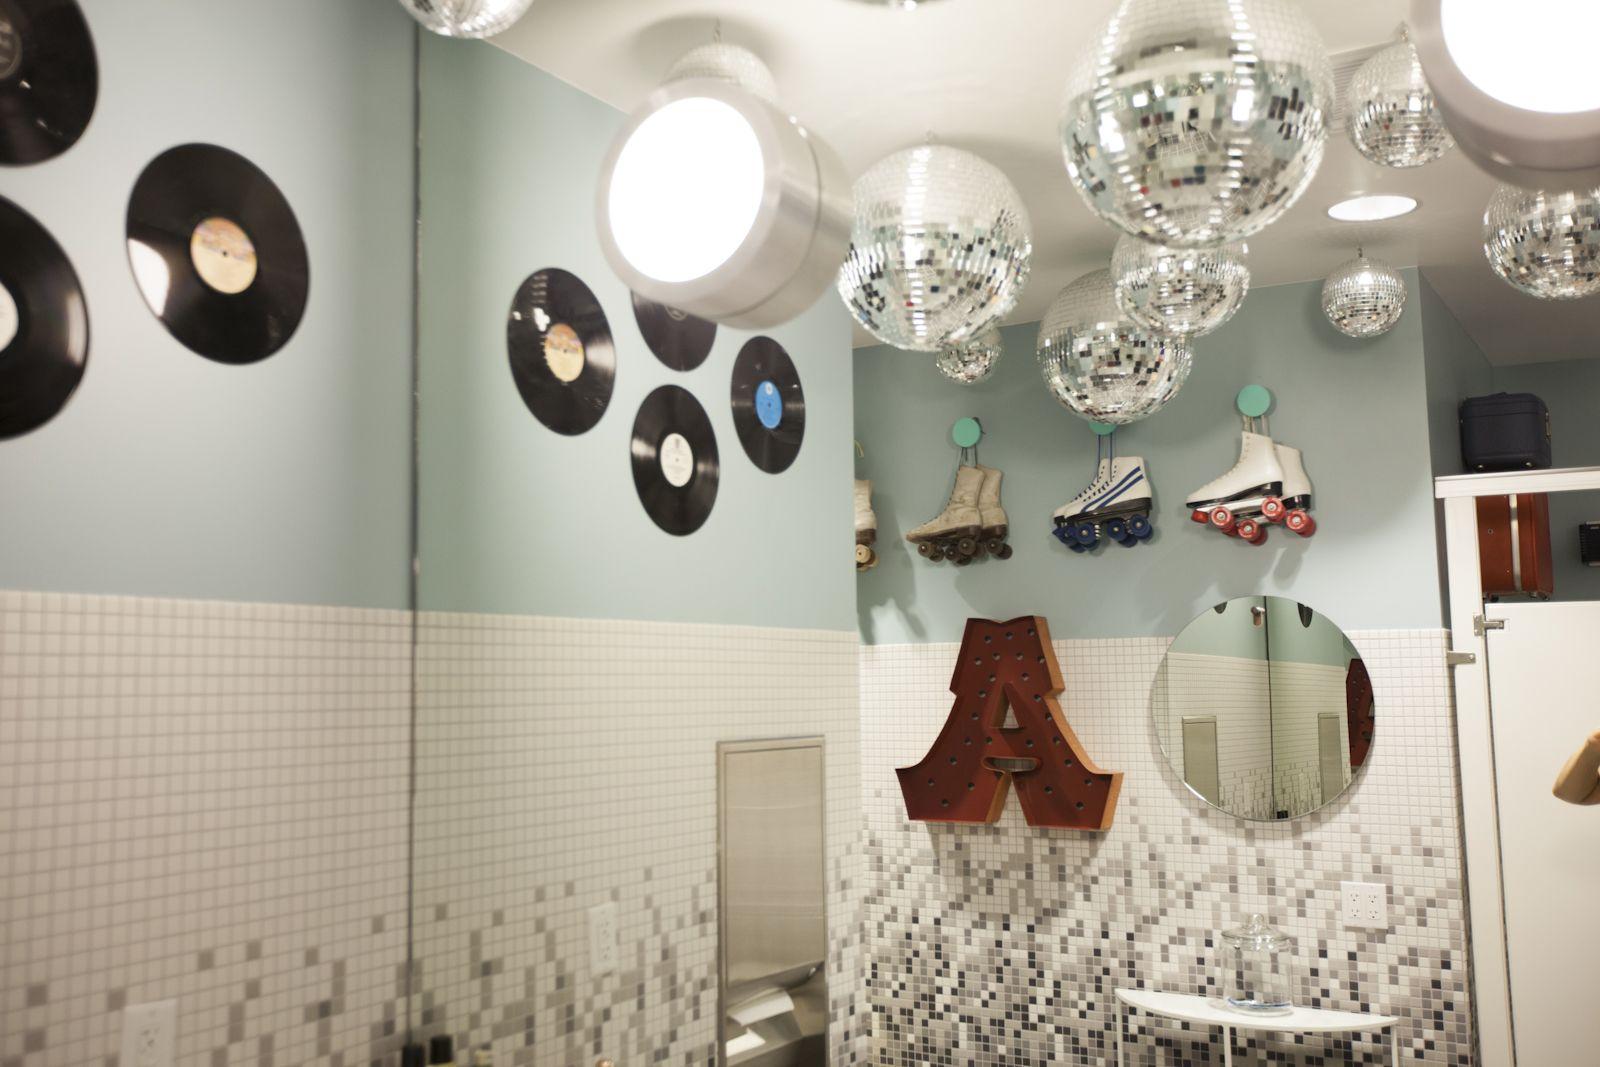 airbnb insane sf office headquarters airbnb office tour san francisco tech companies bathroom